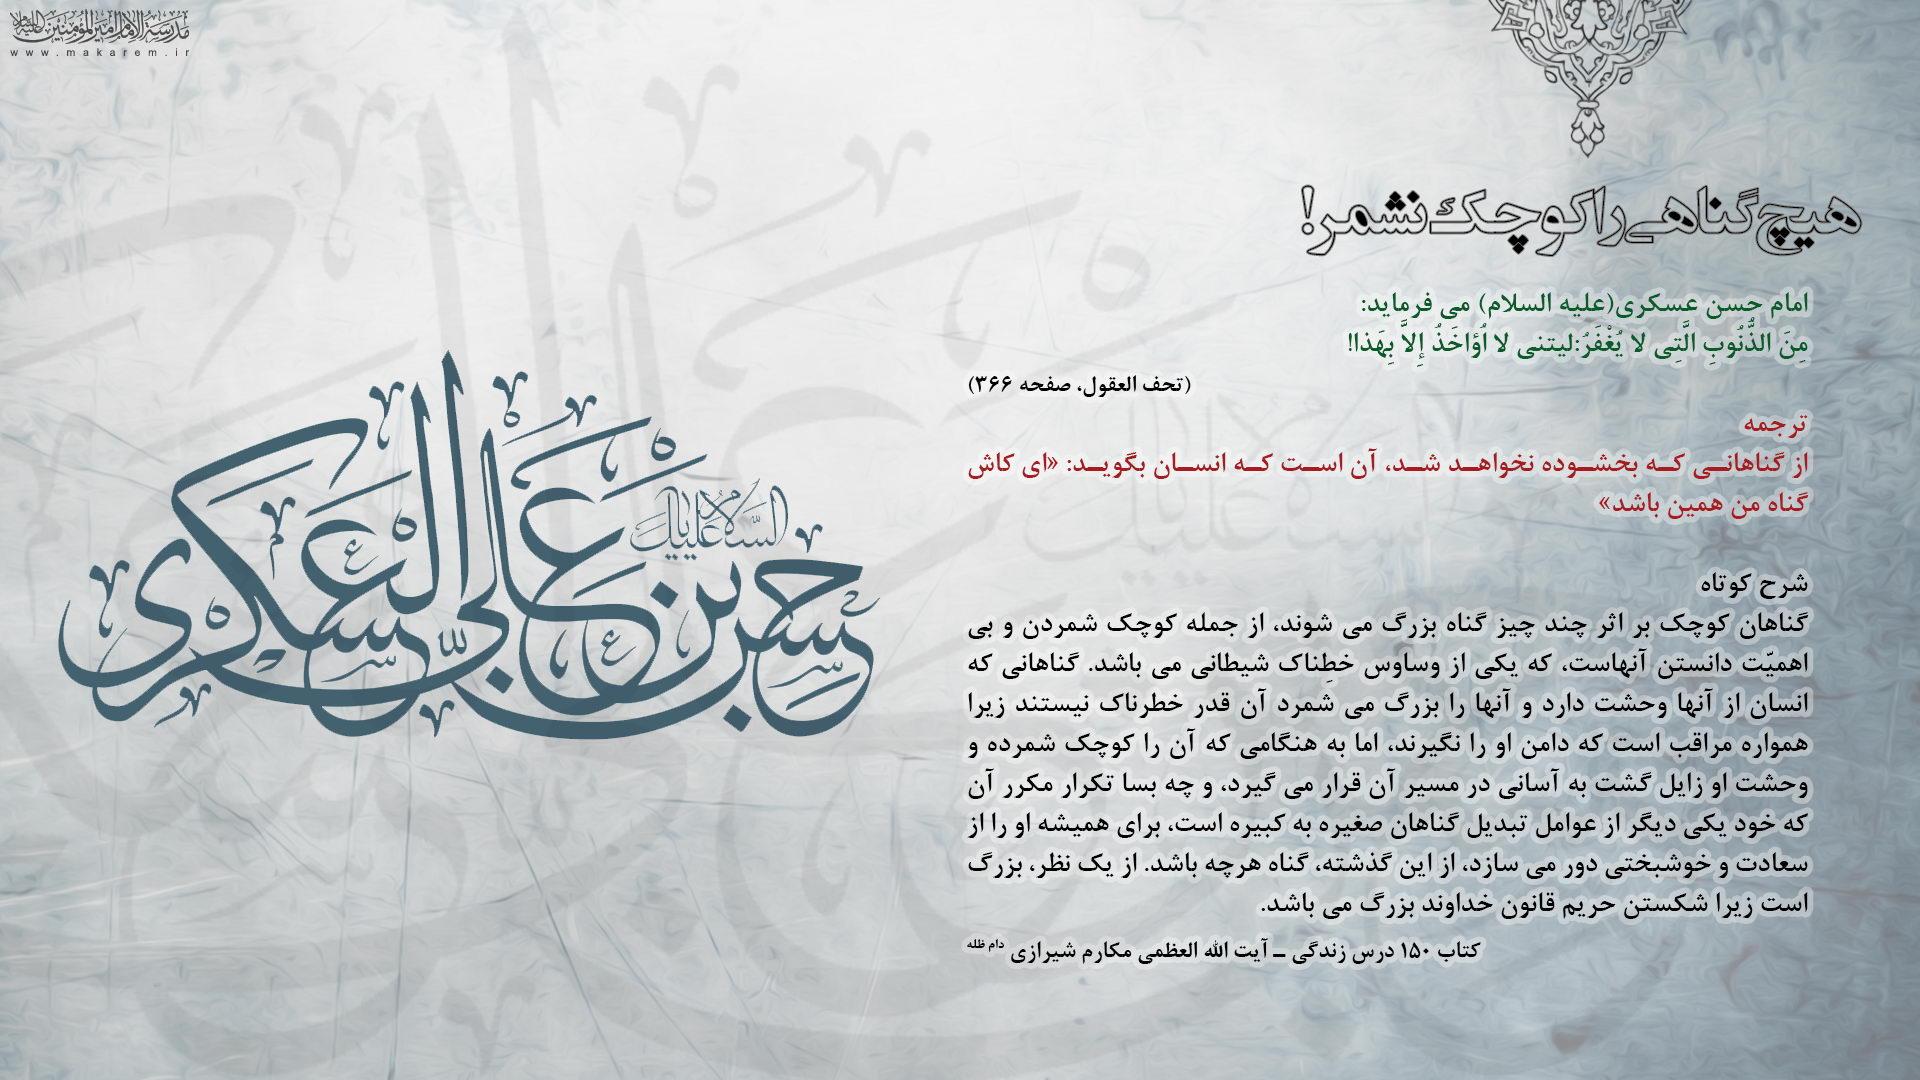 هیچ گناهی را کوچک نشمر!-مدرسه الامام امیر المومنین (ع)